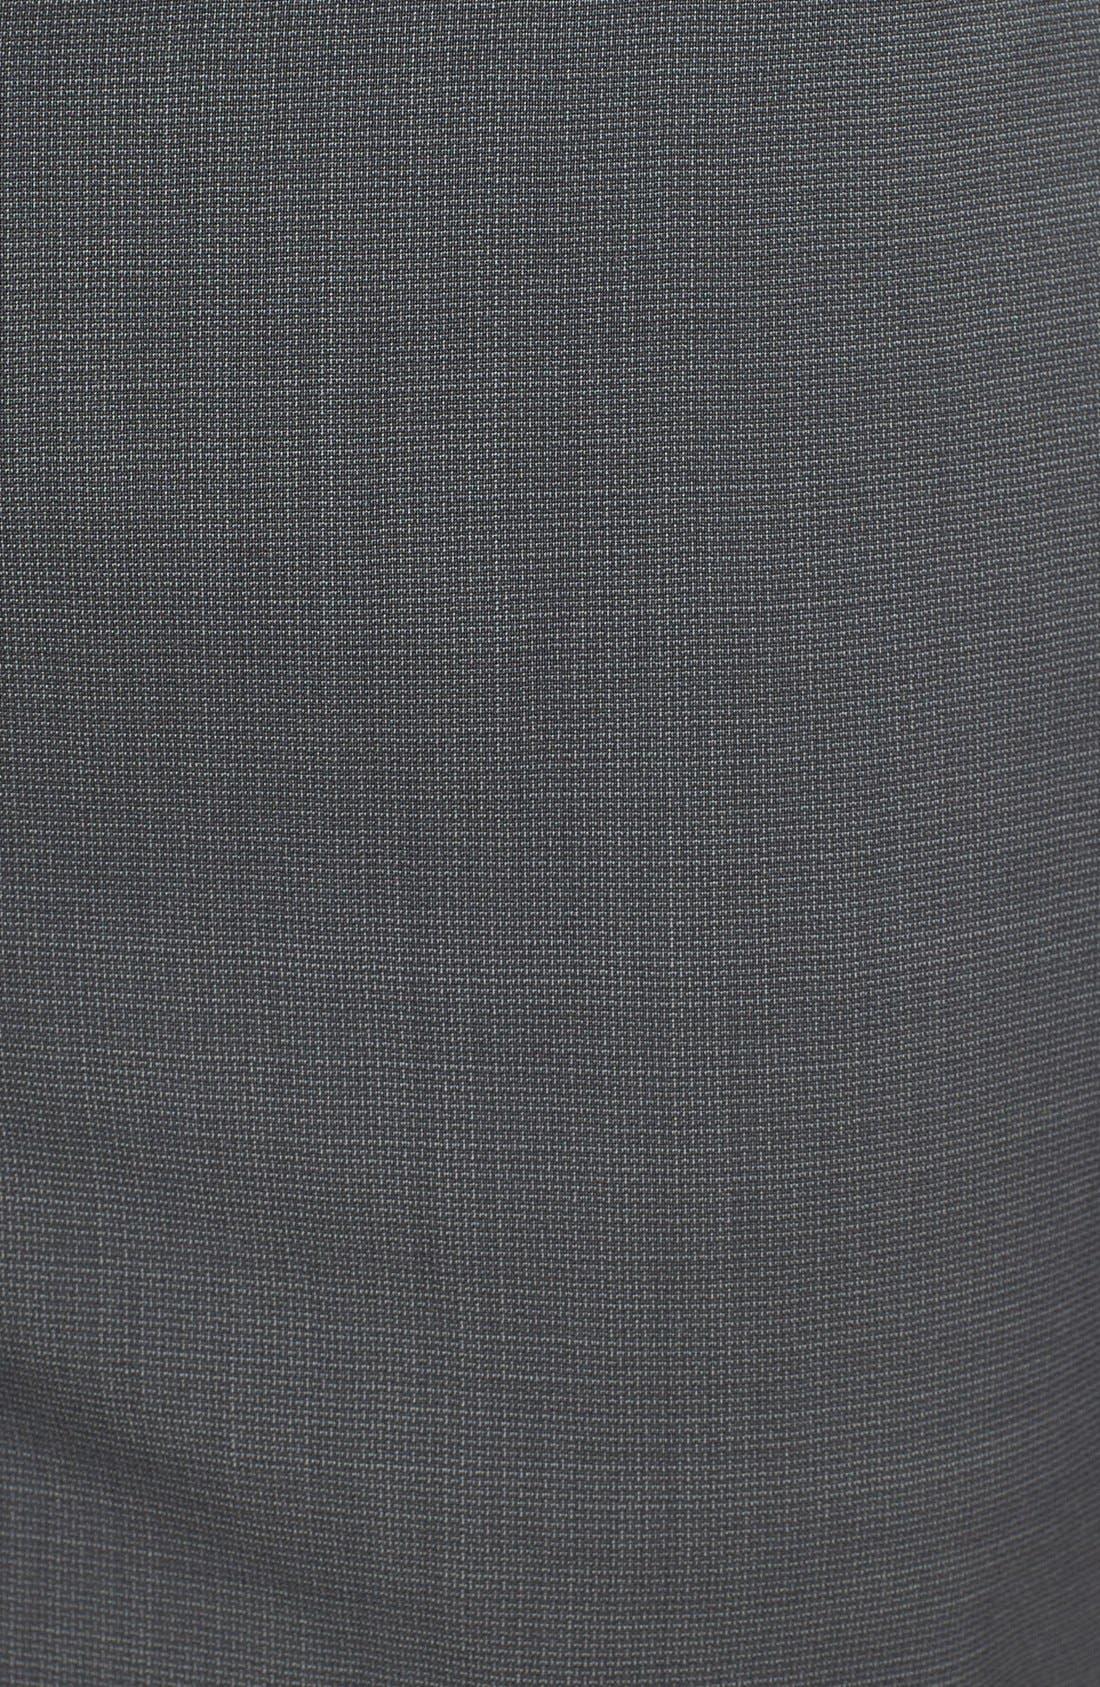 Alternate Image 3  - BOSS HUGO BOSS 'Taliani' Stretch Wool Blend Pants